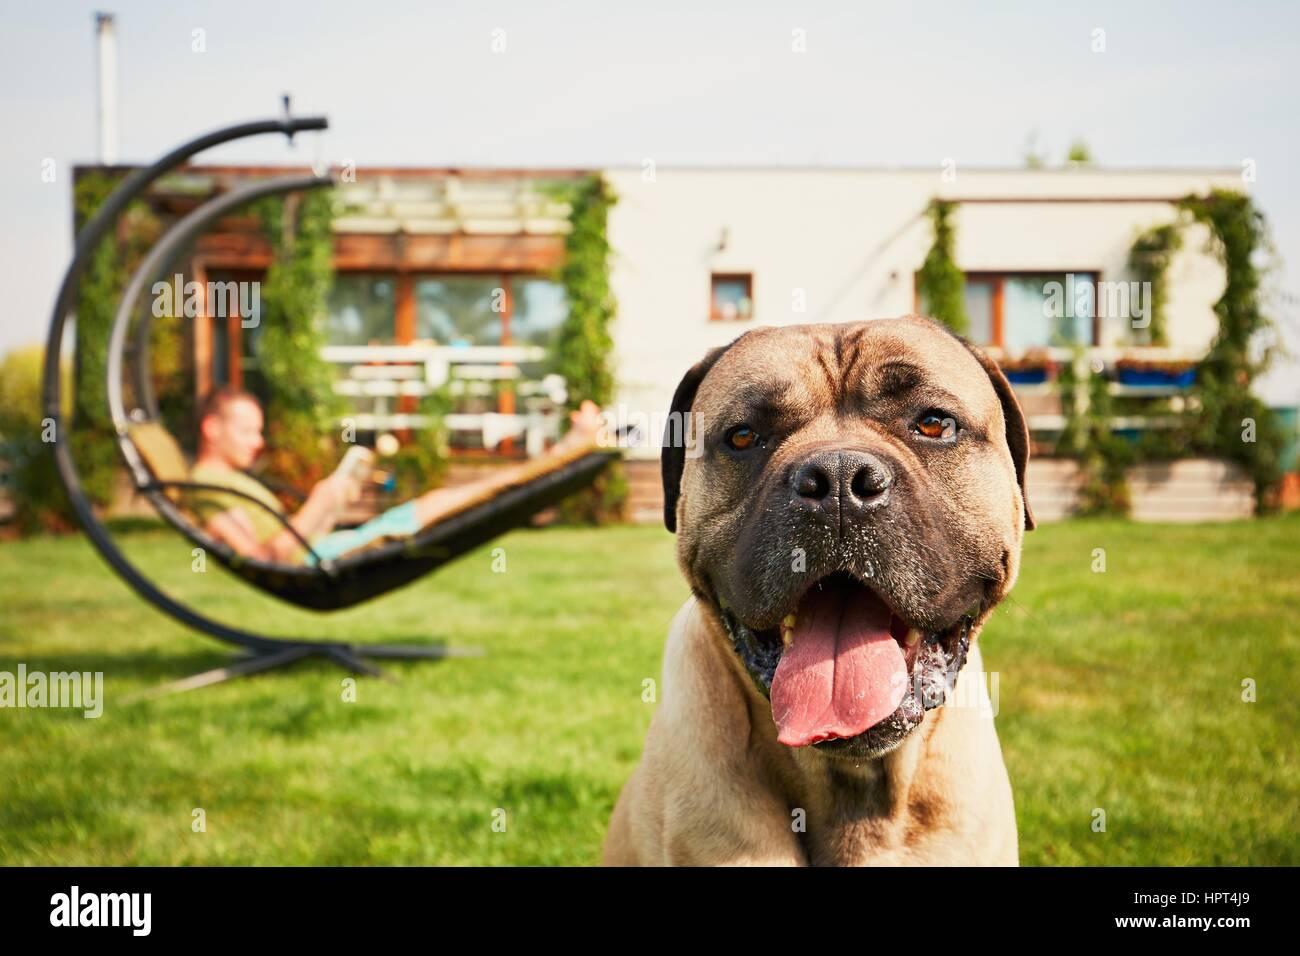 Joven libro de lectura (aprendizaje) en el swing y gran perro descansando en el jardín de la casa de la familia Imagen De Stock